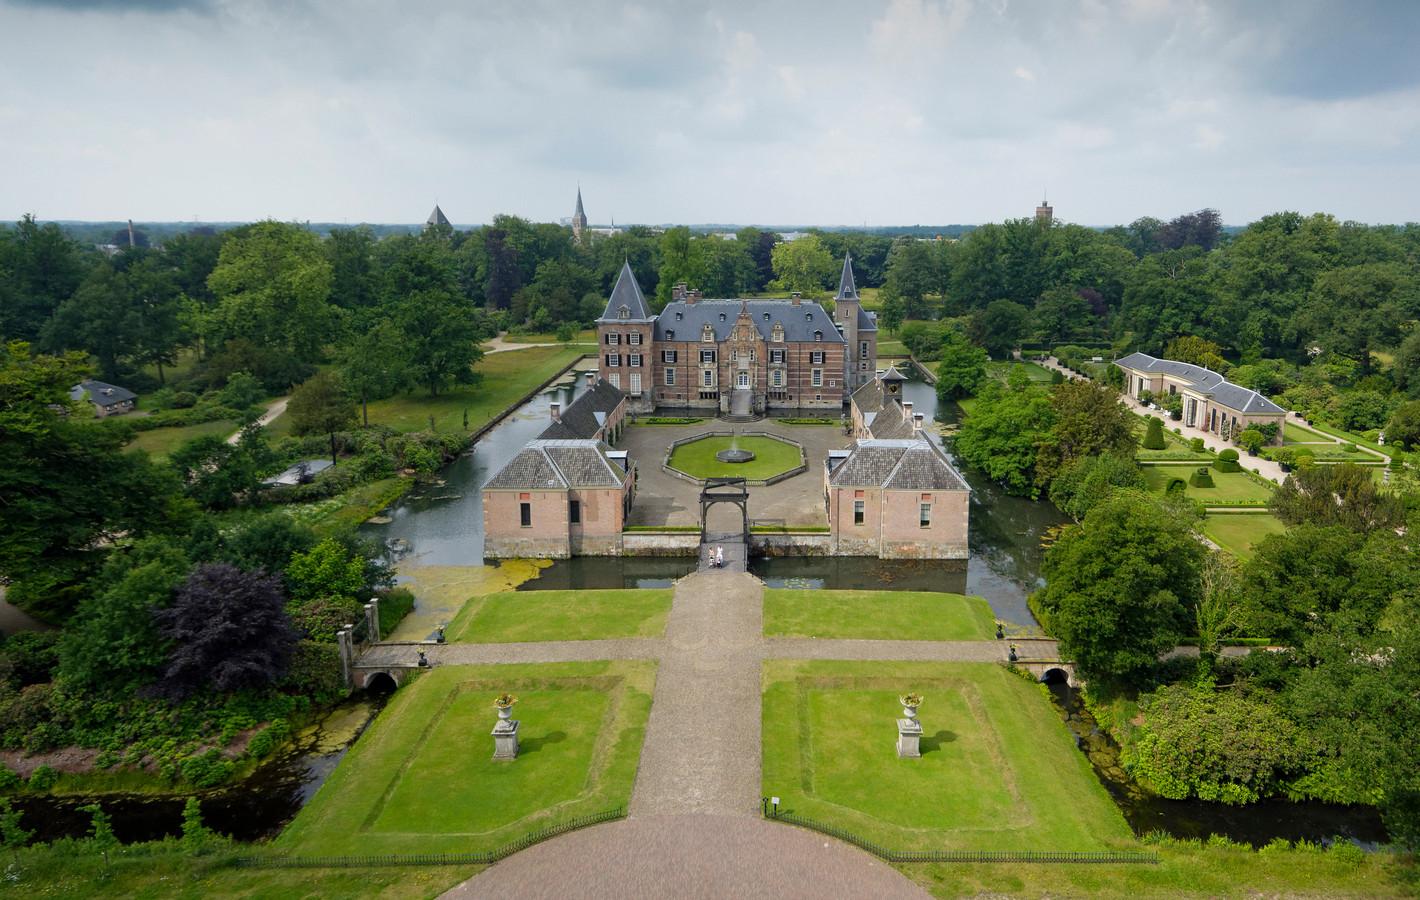 Het imponerende kasteel Twickel in zijn prachtige omgeving trekt jaarlijks veel toeristen naar Delden.